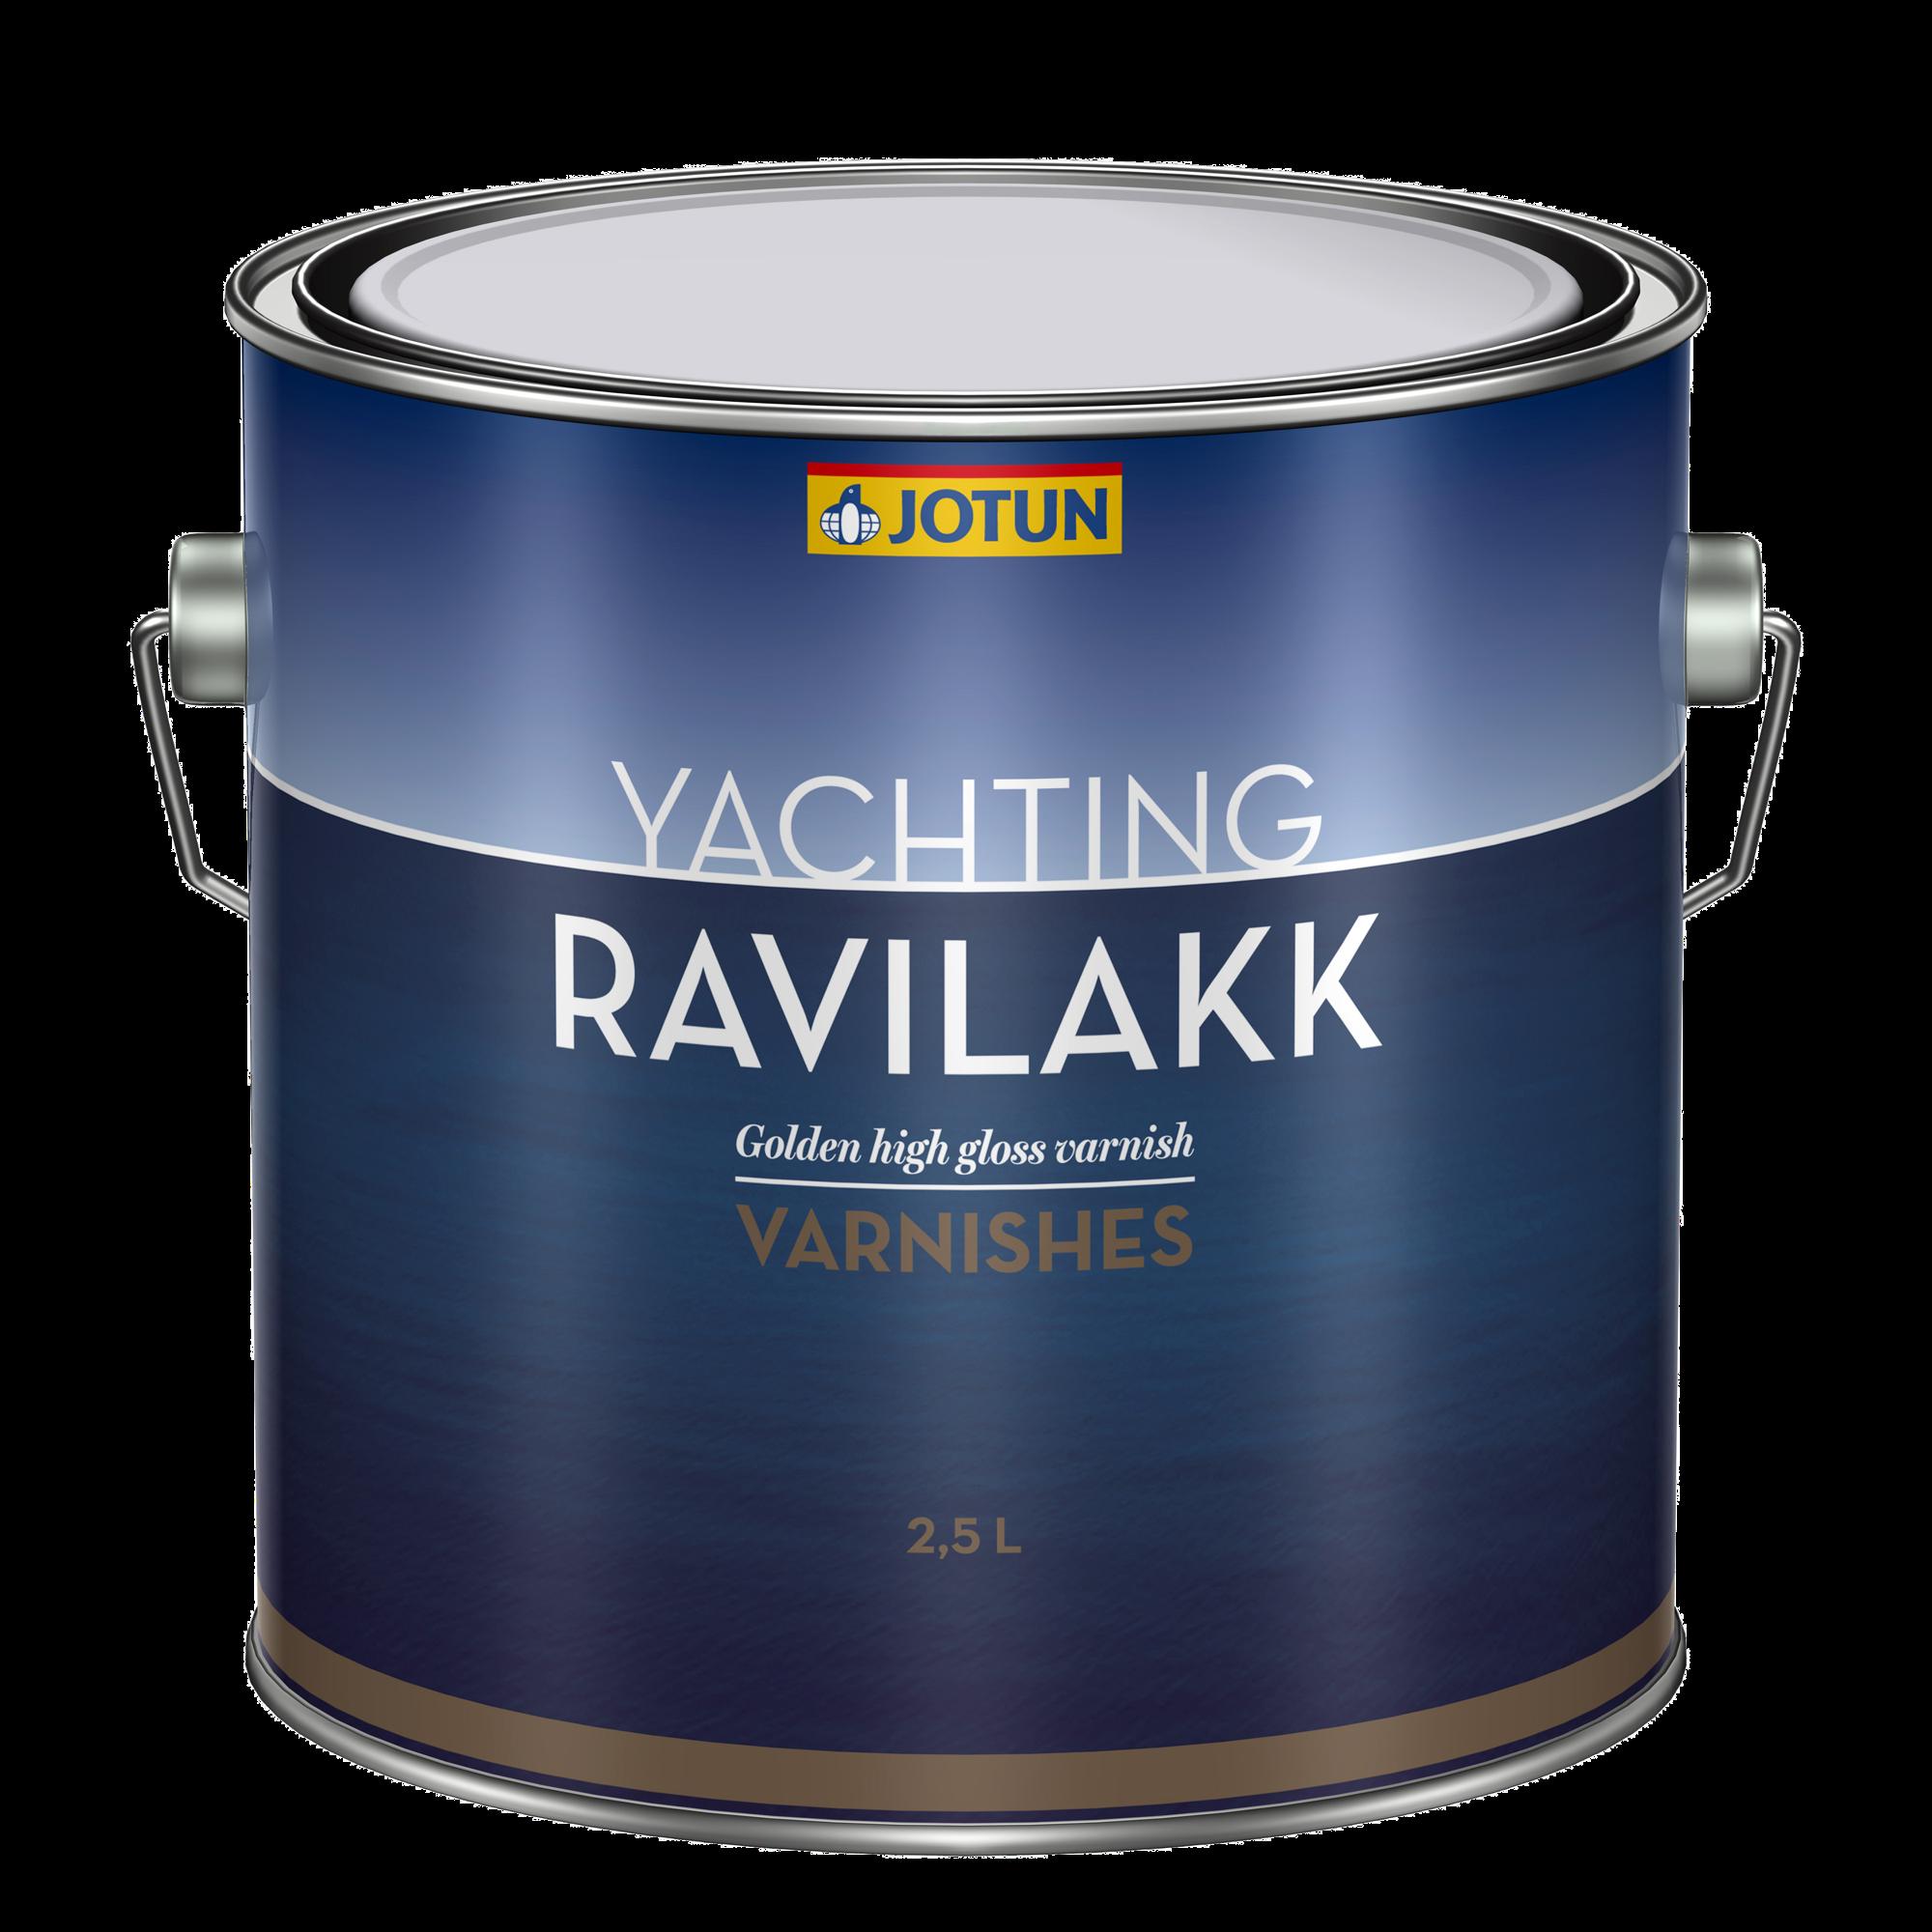 Yachting Ravilakk 2½ Ltr